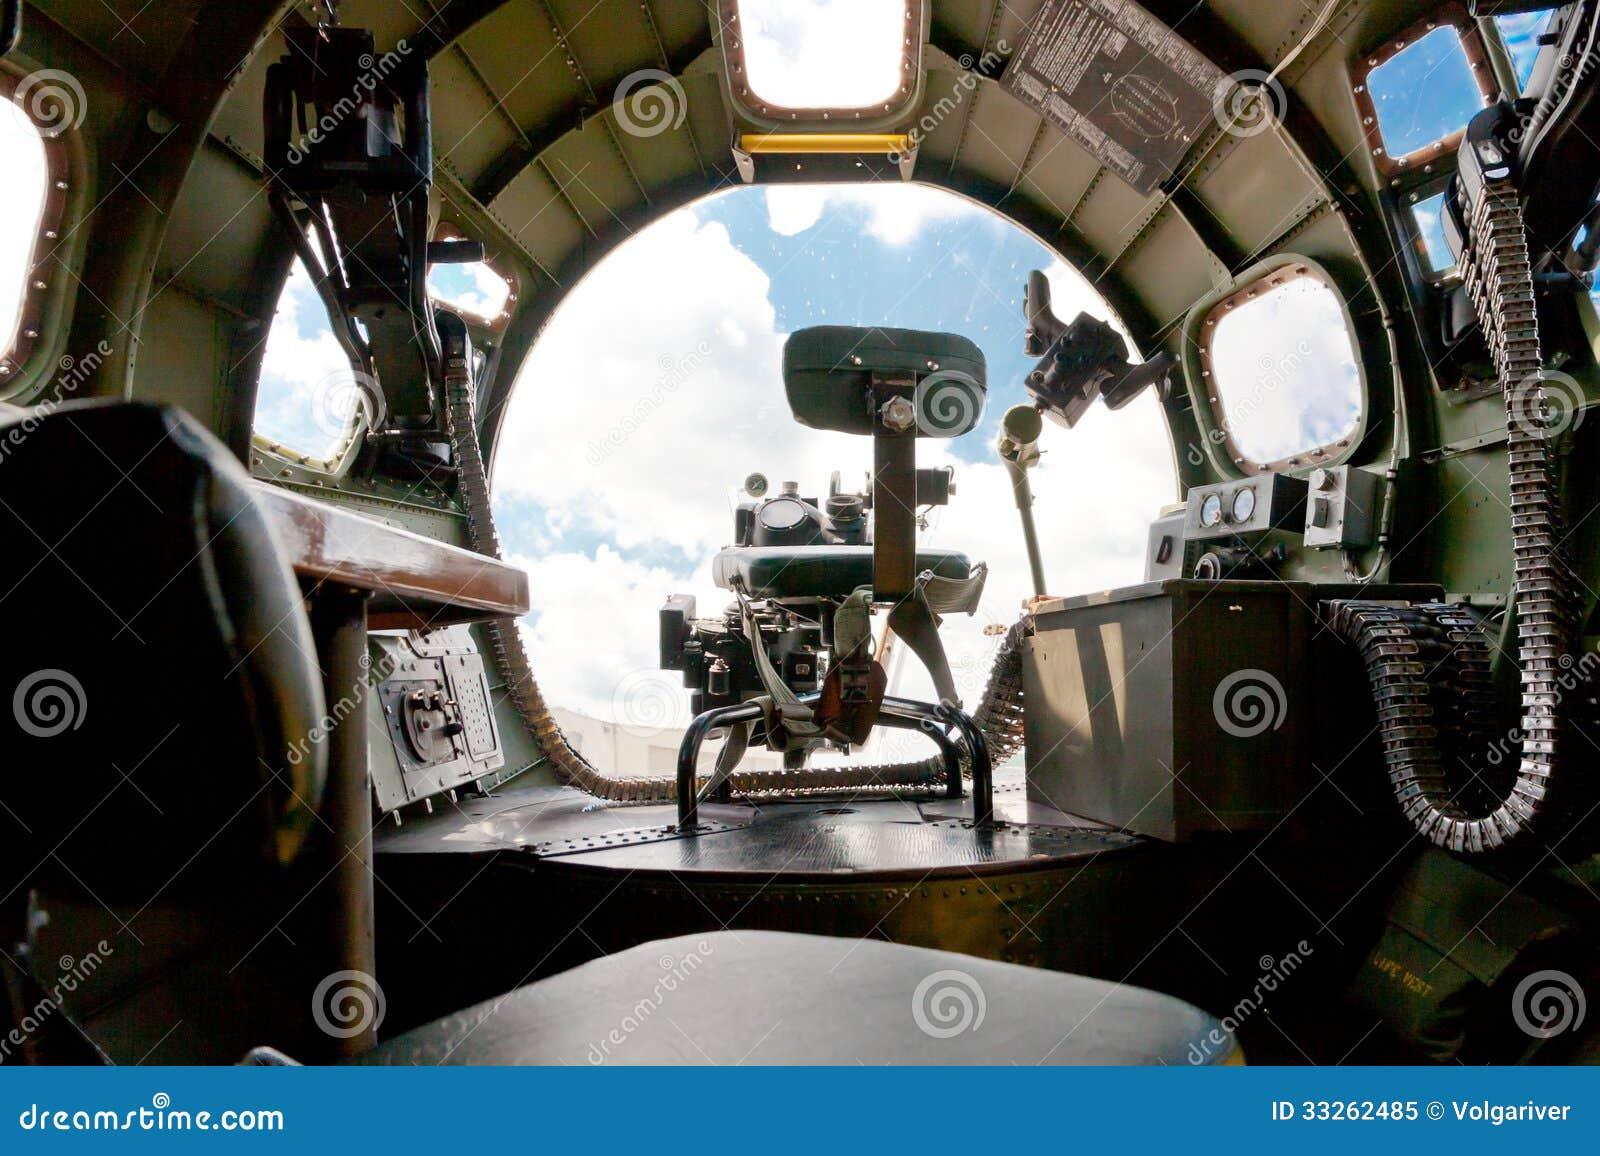 Boeing B-17 bomber  Inside  B17 Bomber Interior